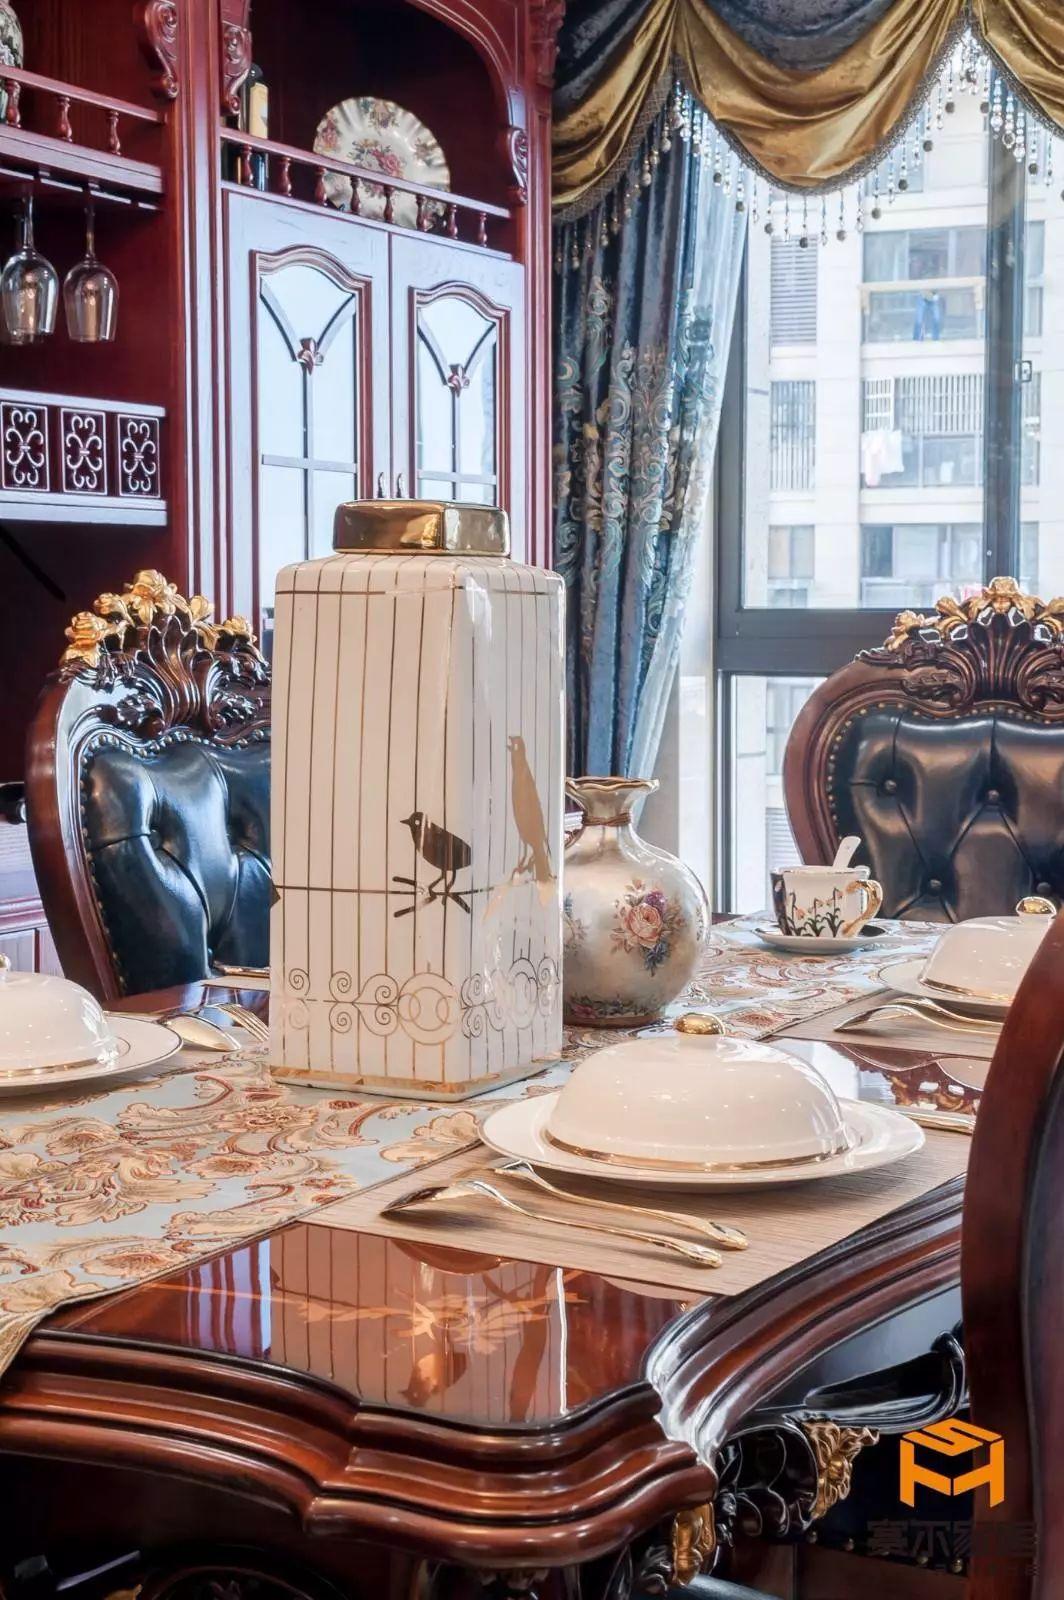 餐厅设计|餐厅装修案例|美式餐厅